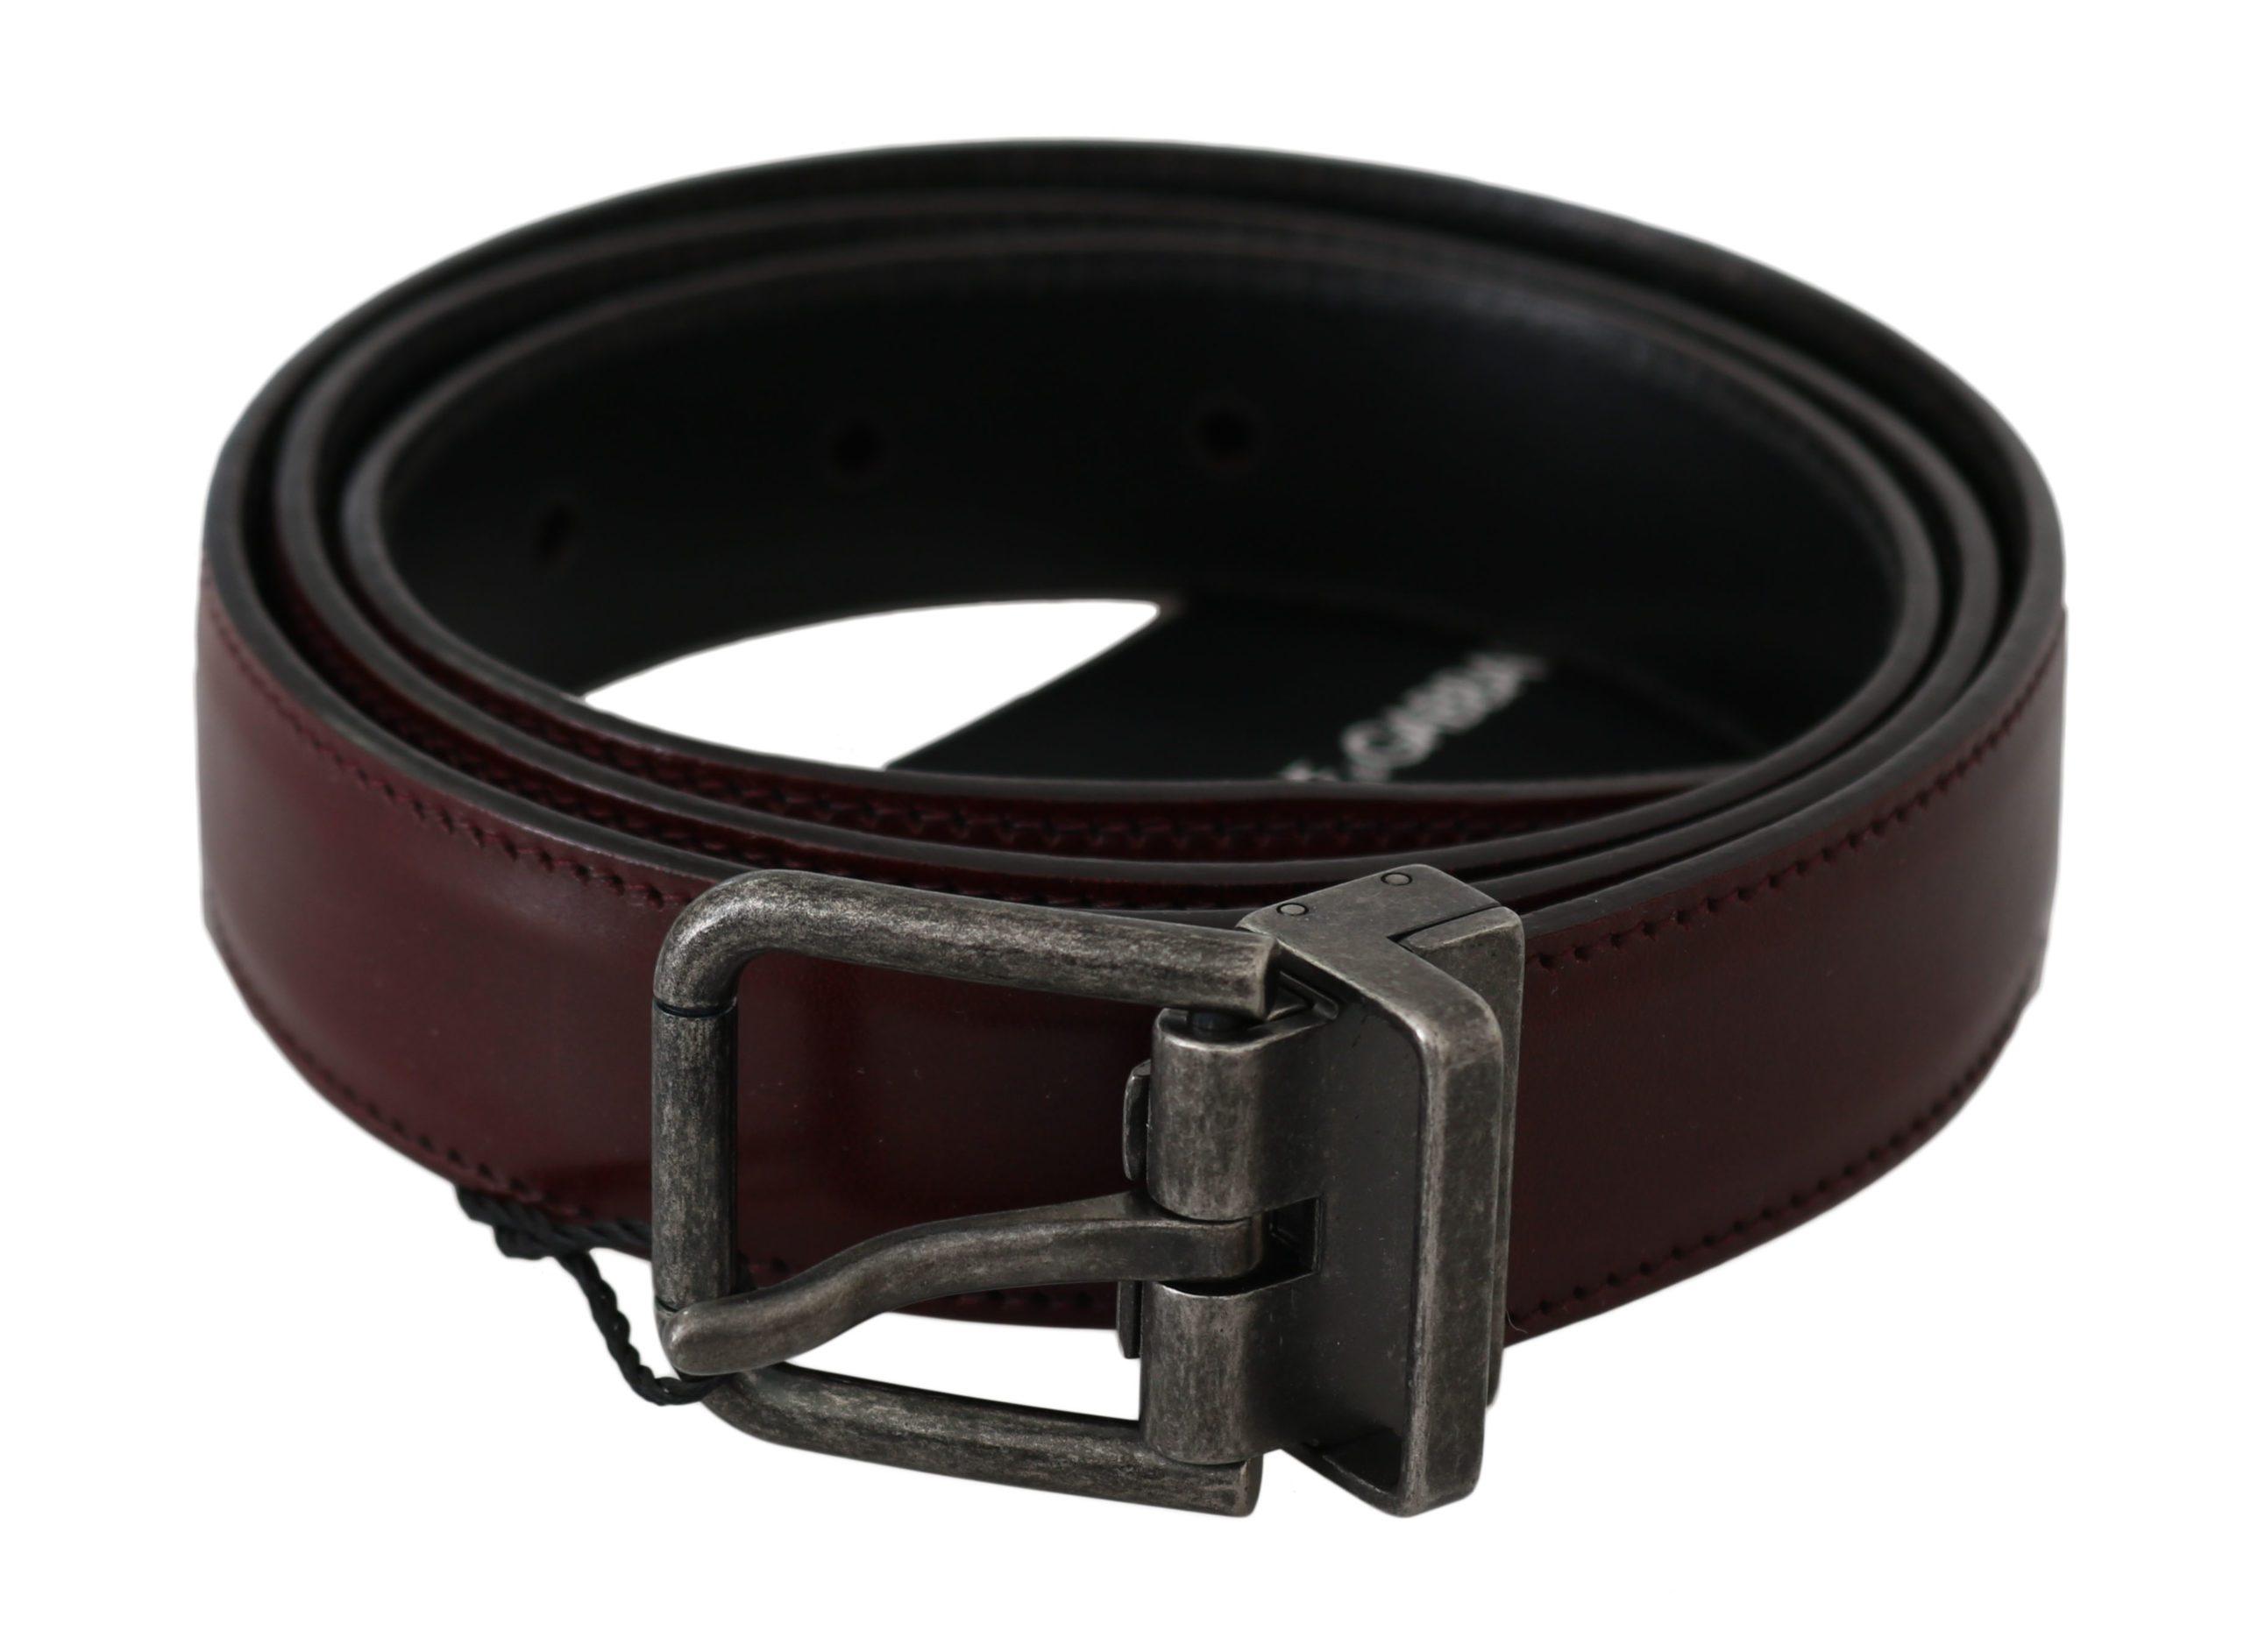 Dolce & Gabbana Men's Belt Bordeaux BEL60334 - 100 cm / 40 Inches